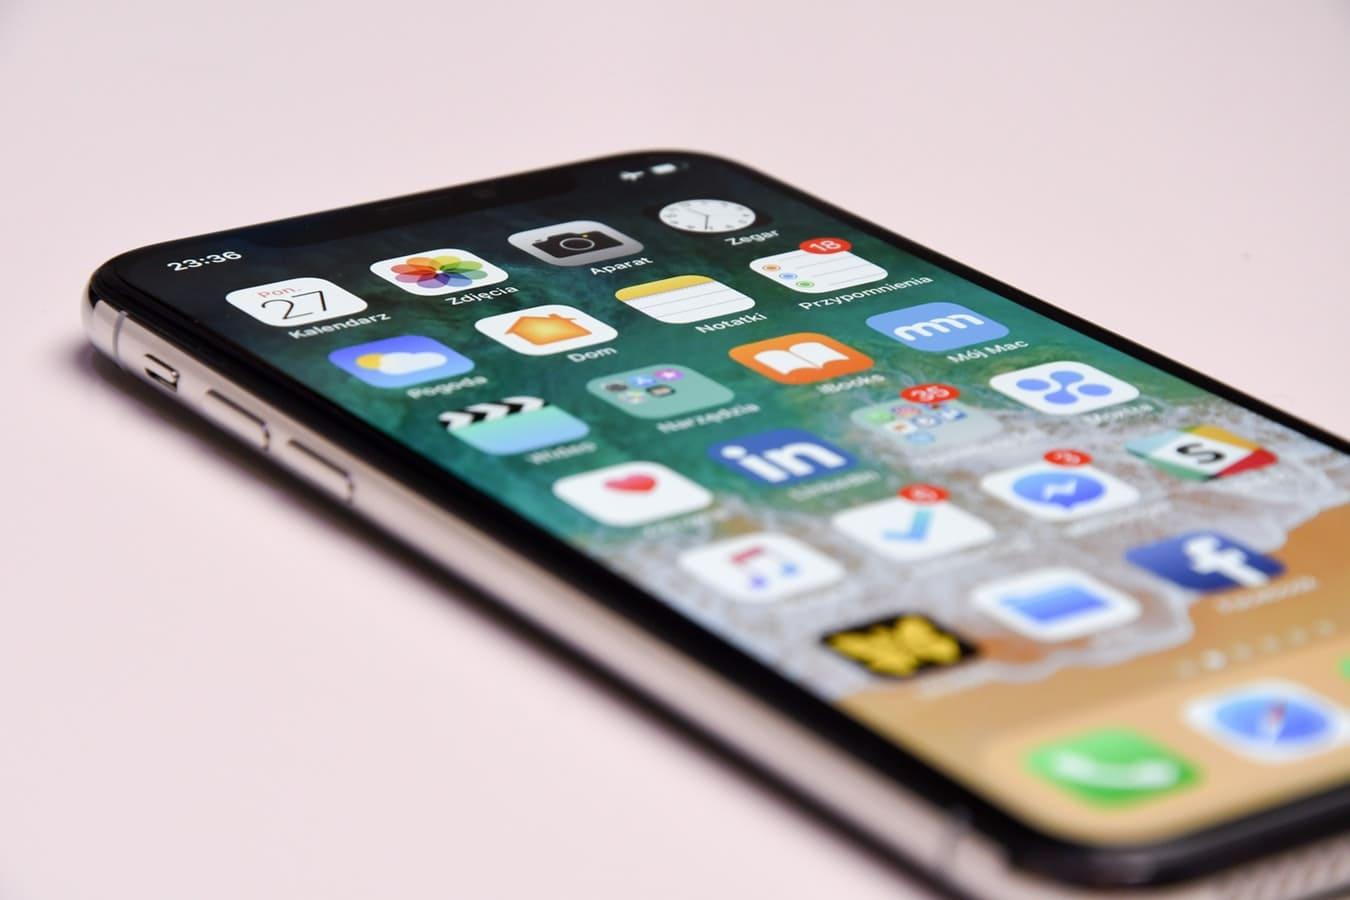 法人携帯が半額以下に?知らないと損するコスト削減の2大アプローチ